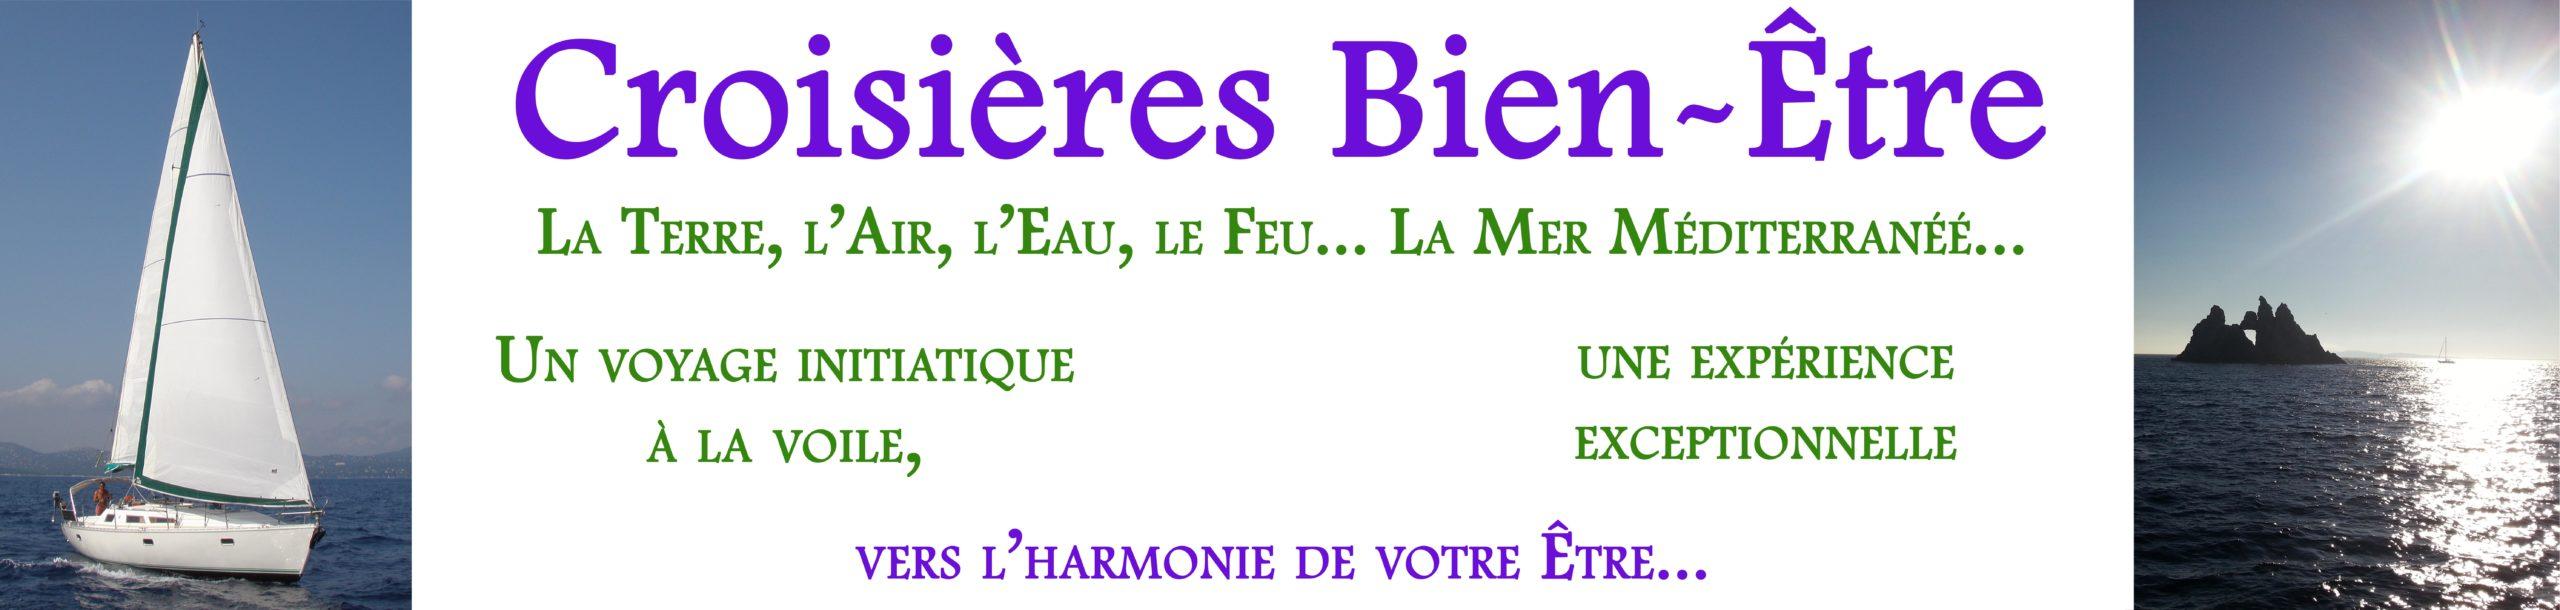 Croisières bien-être méditerranée porquerolles marseille toulon hyères saint-tropez Reiki massage tantrique massage